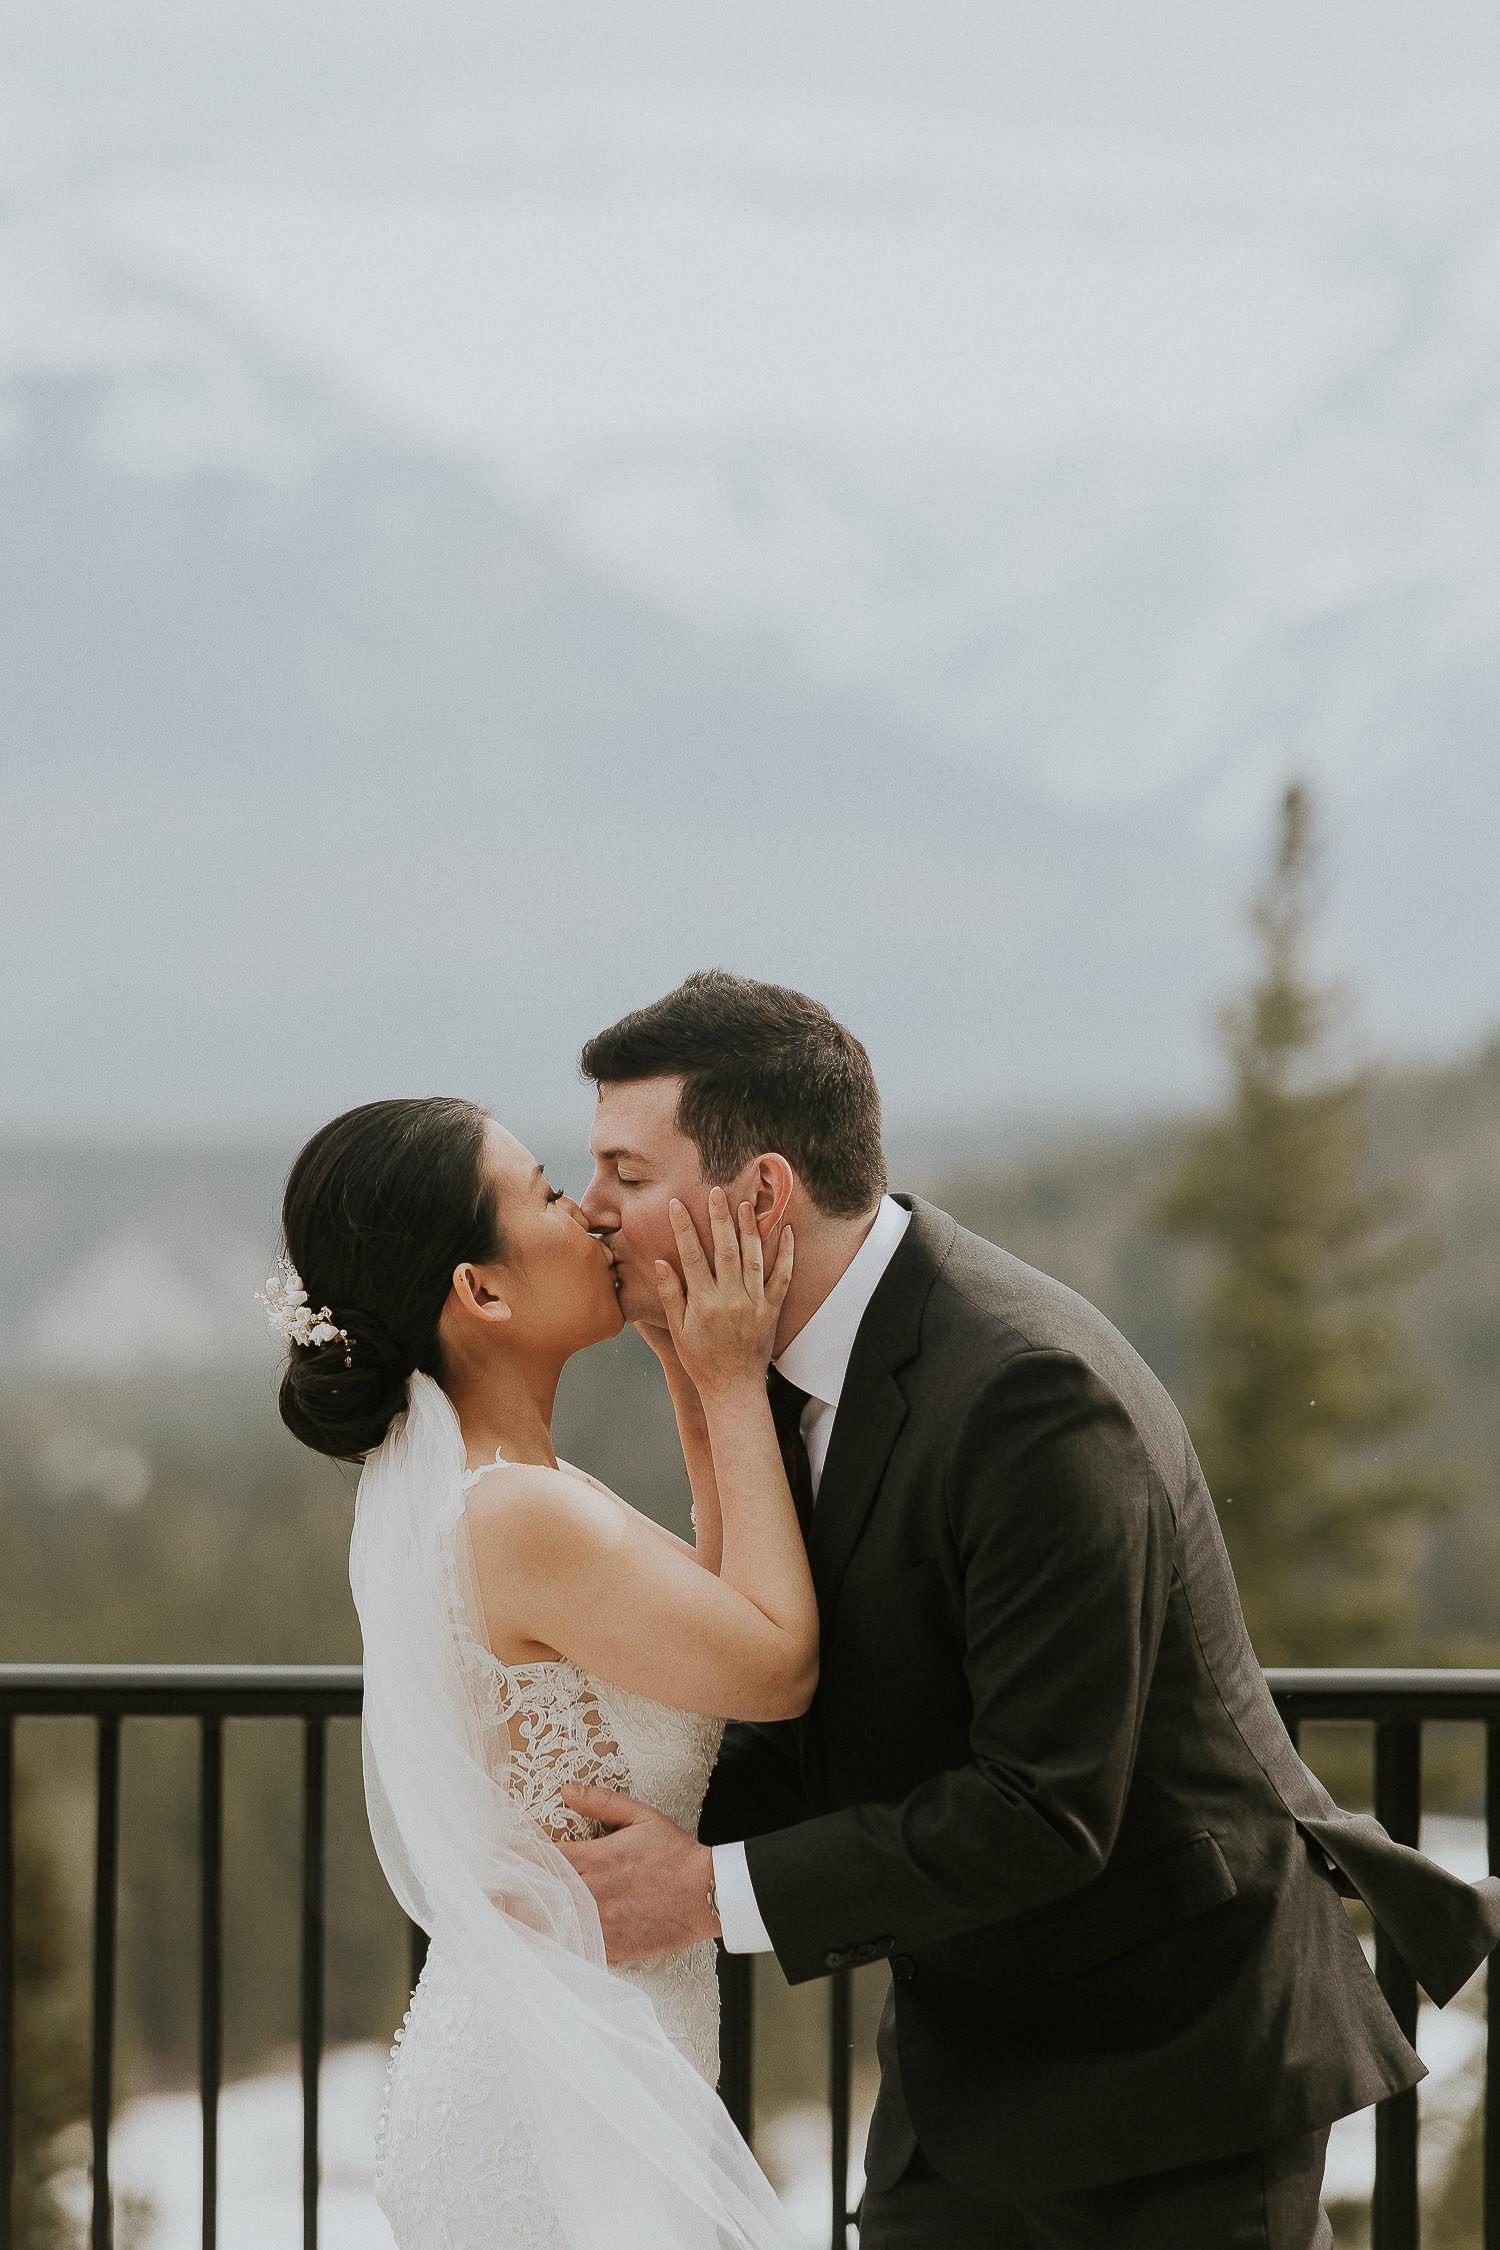 intimate-wedding-at-banff-springs-hotel-sarah-pukin-0100